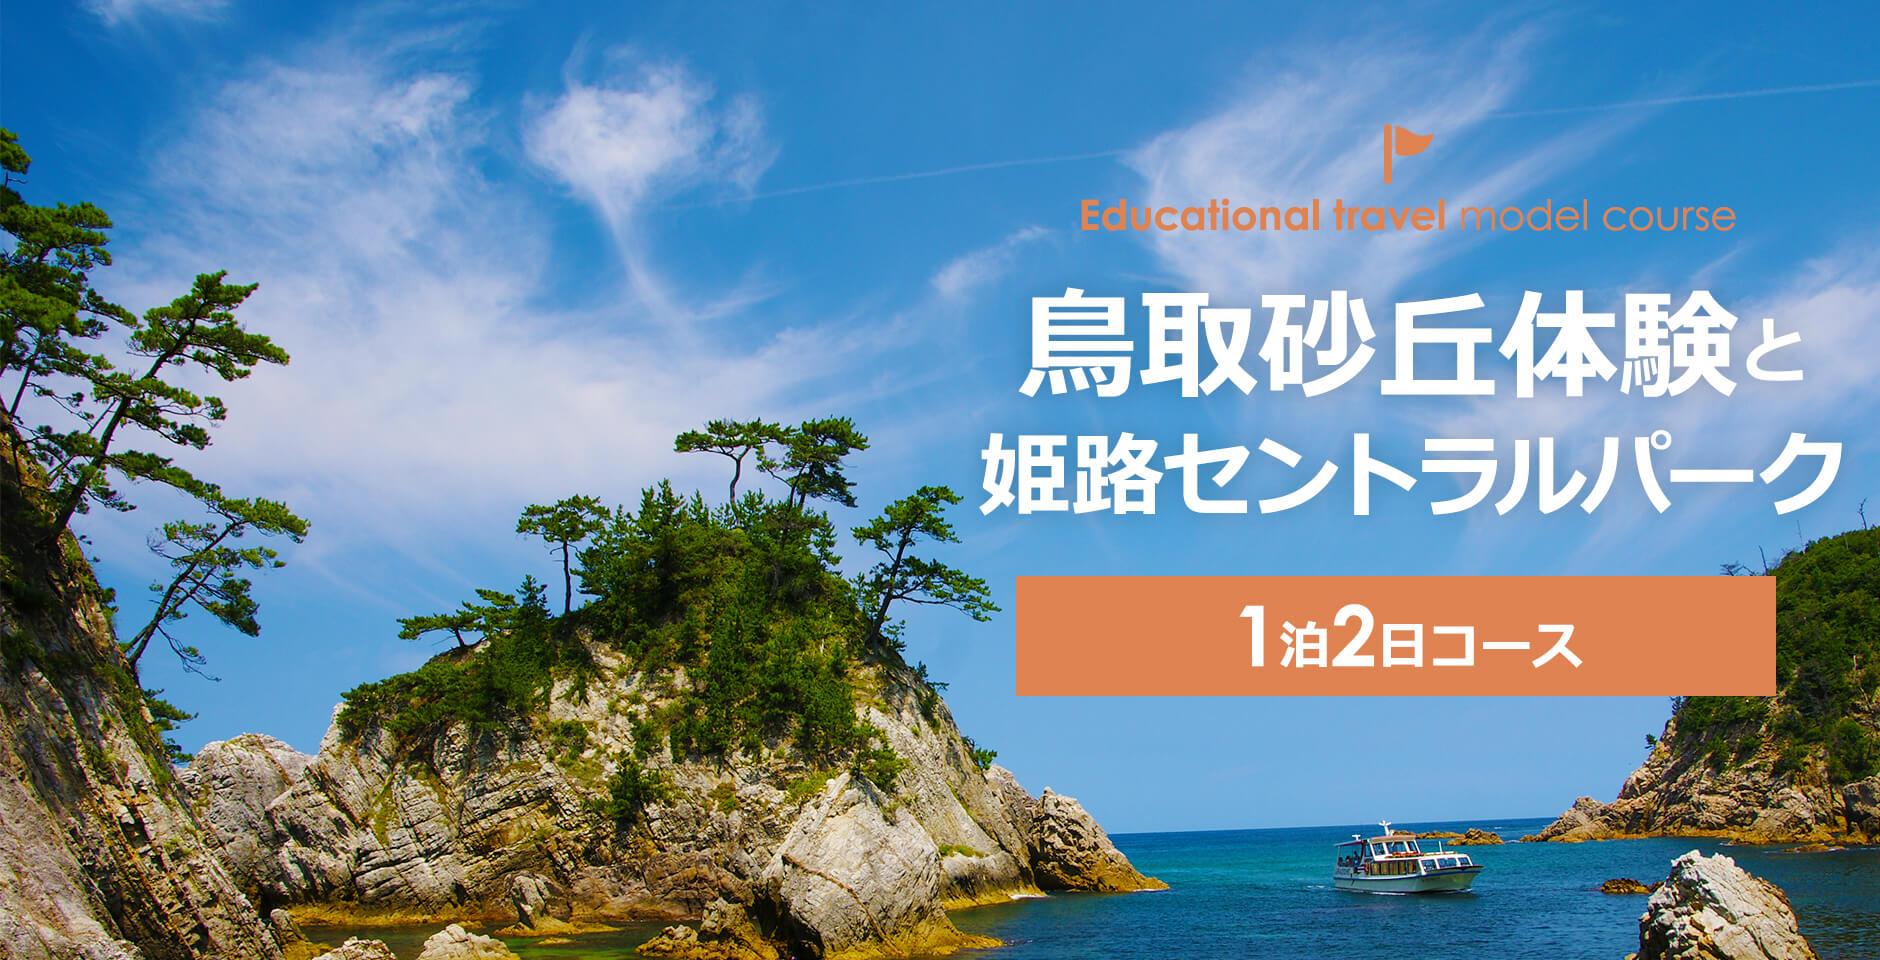 鳥取砂丘体験と姫路セントラルパーク